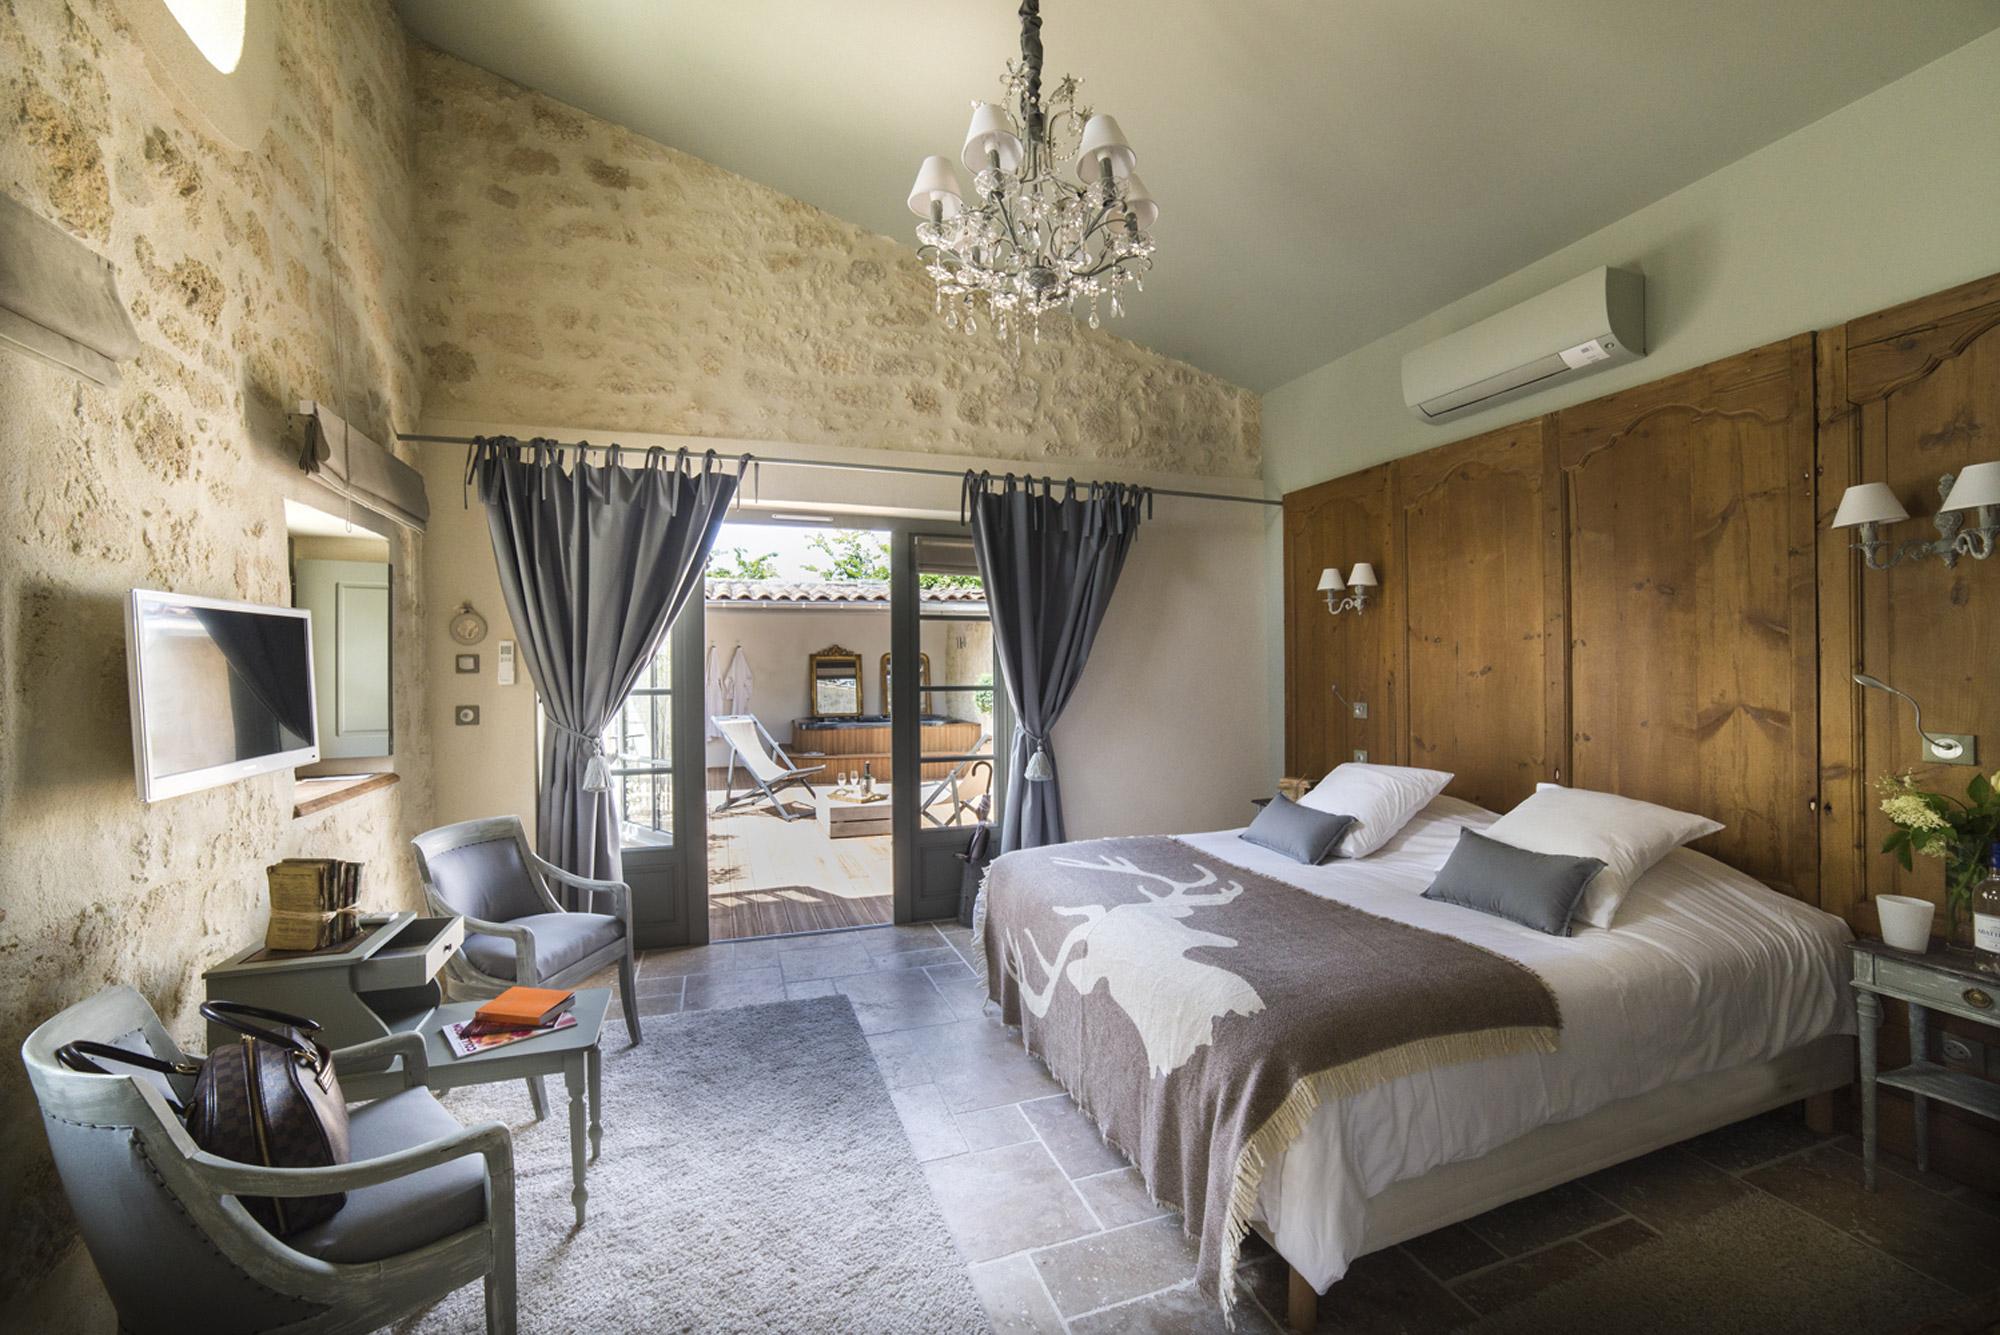 Chambre romantique avec terrasse et jacuzzi privatifsdans la maison d'hôtes Le Clos Marcamps en Aquitaine